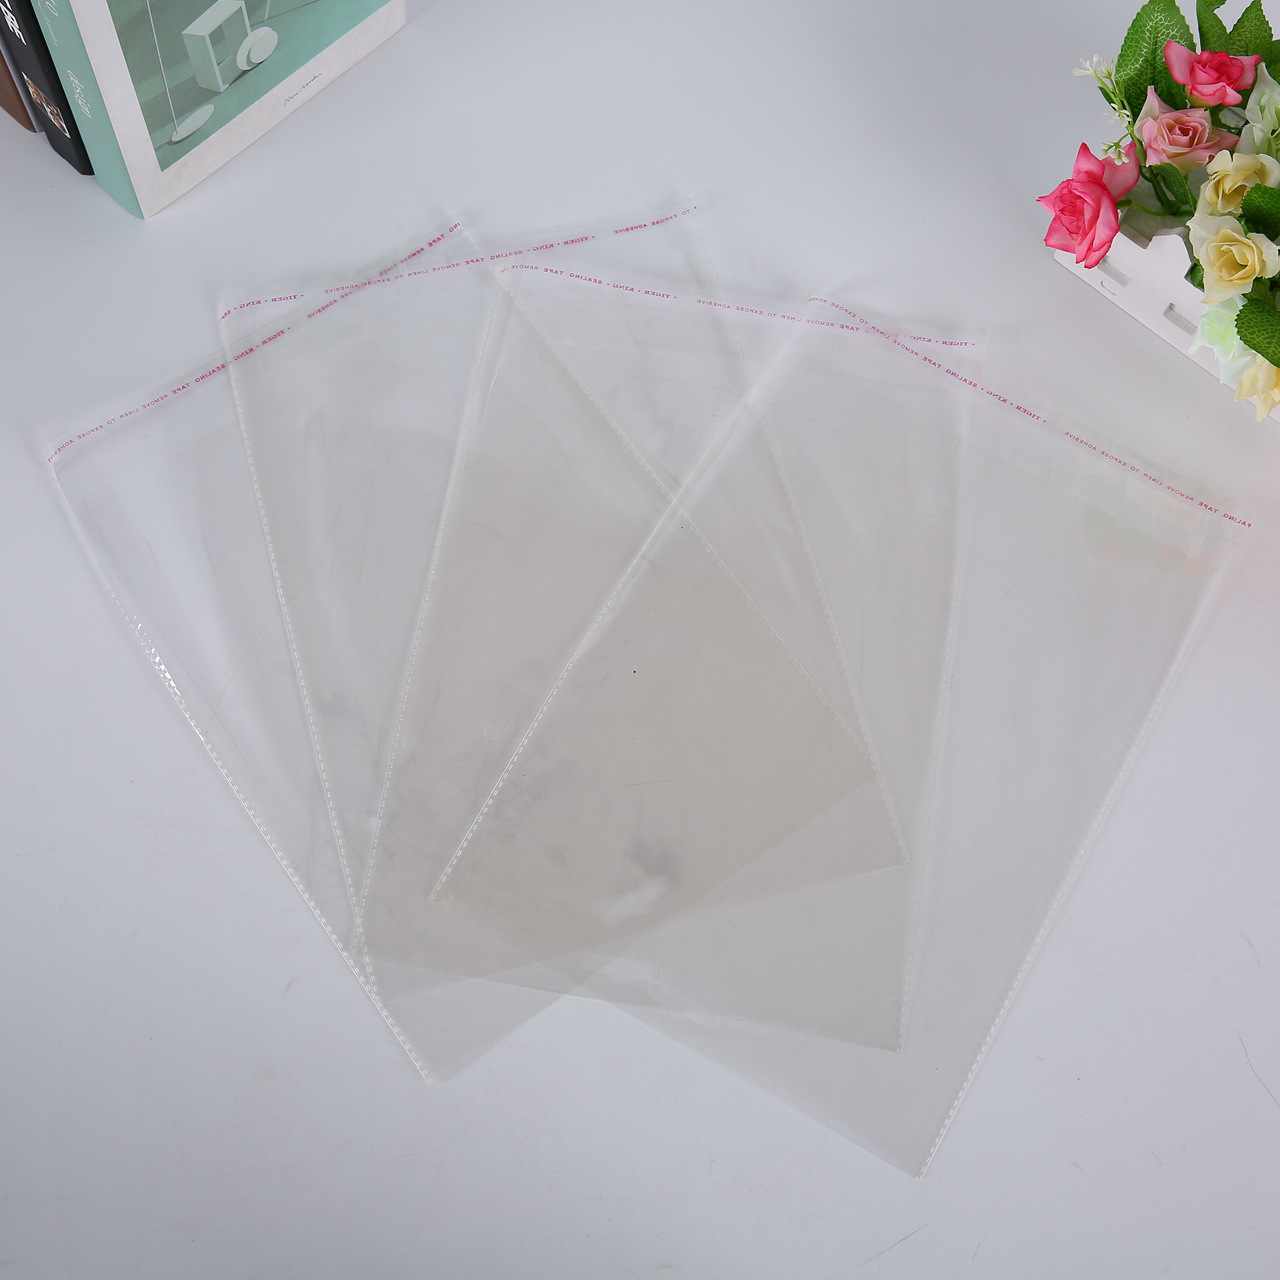 BAISHI Túi opp Túi nhựa tự dính tại chỗ Túi ziplock tùy chỉnh Túi Jade túi nhỏ Opp túi quà tặng túi